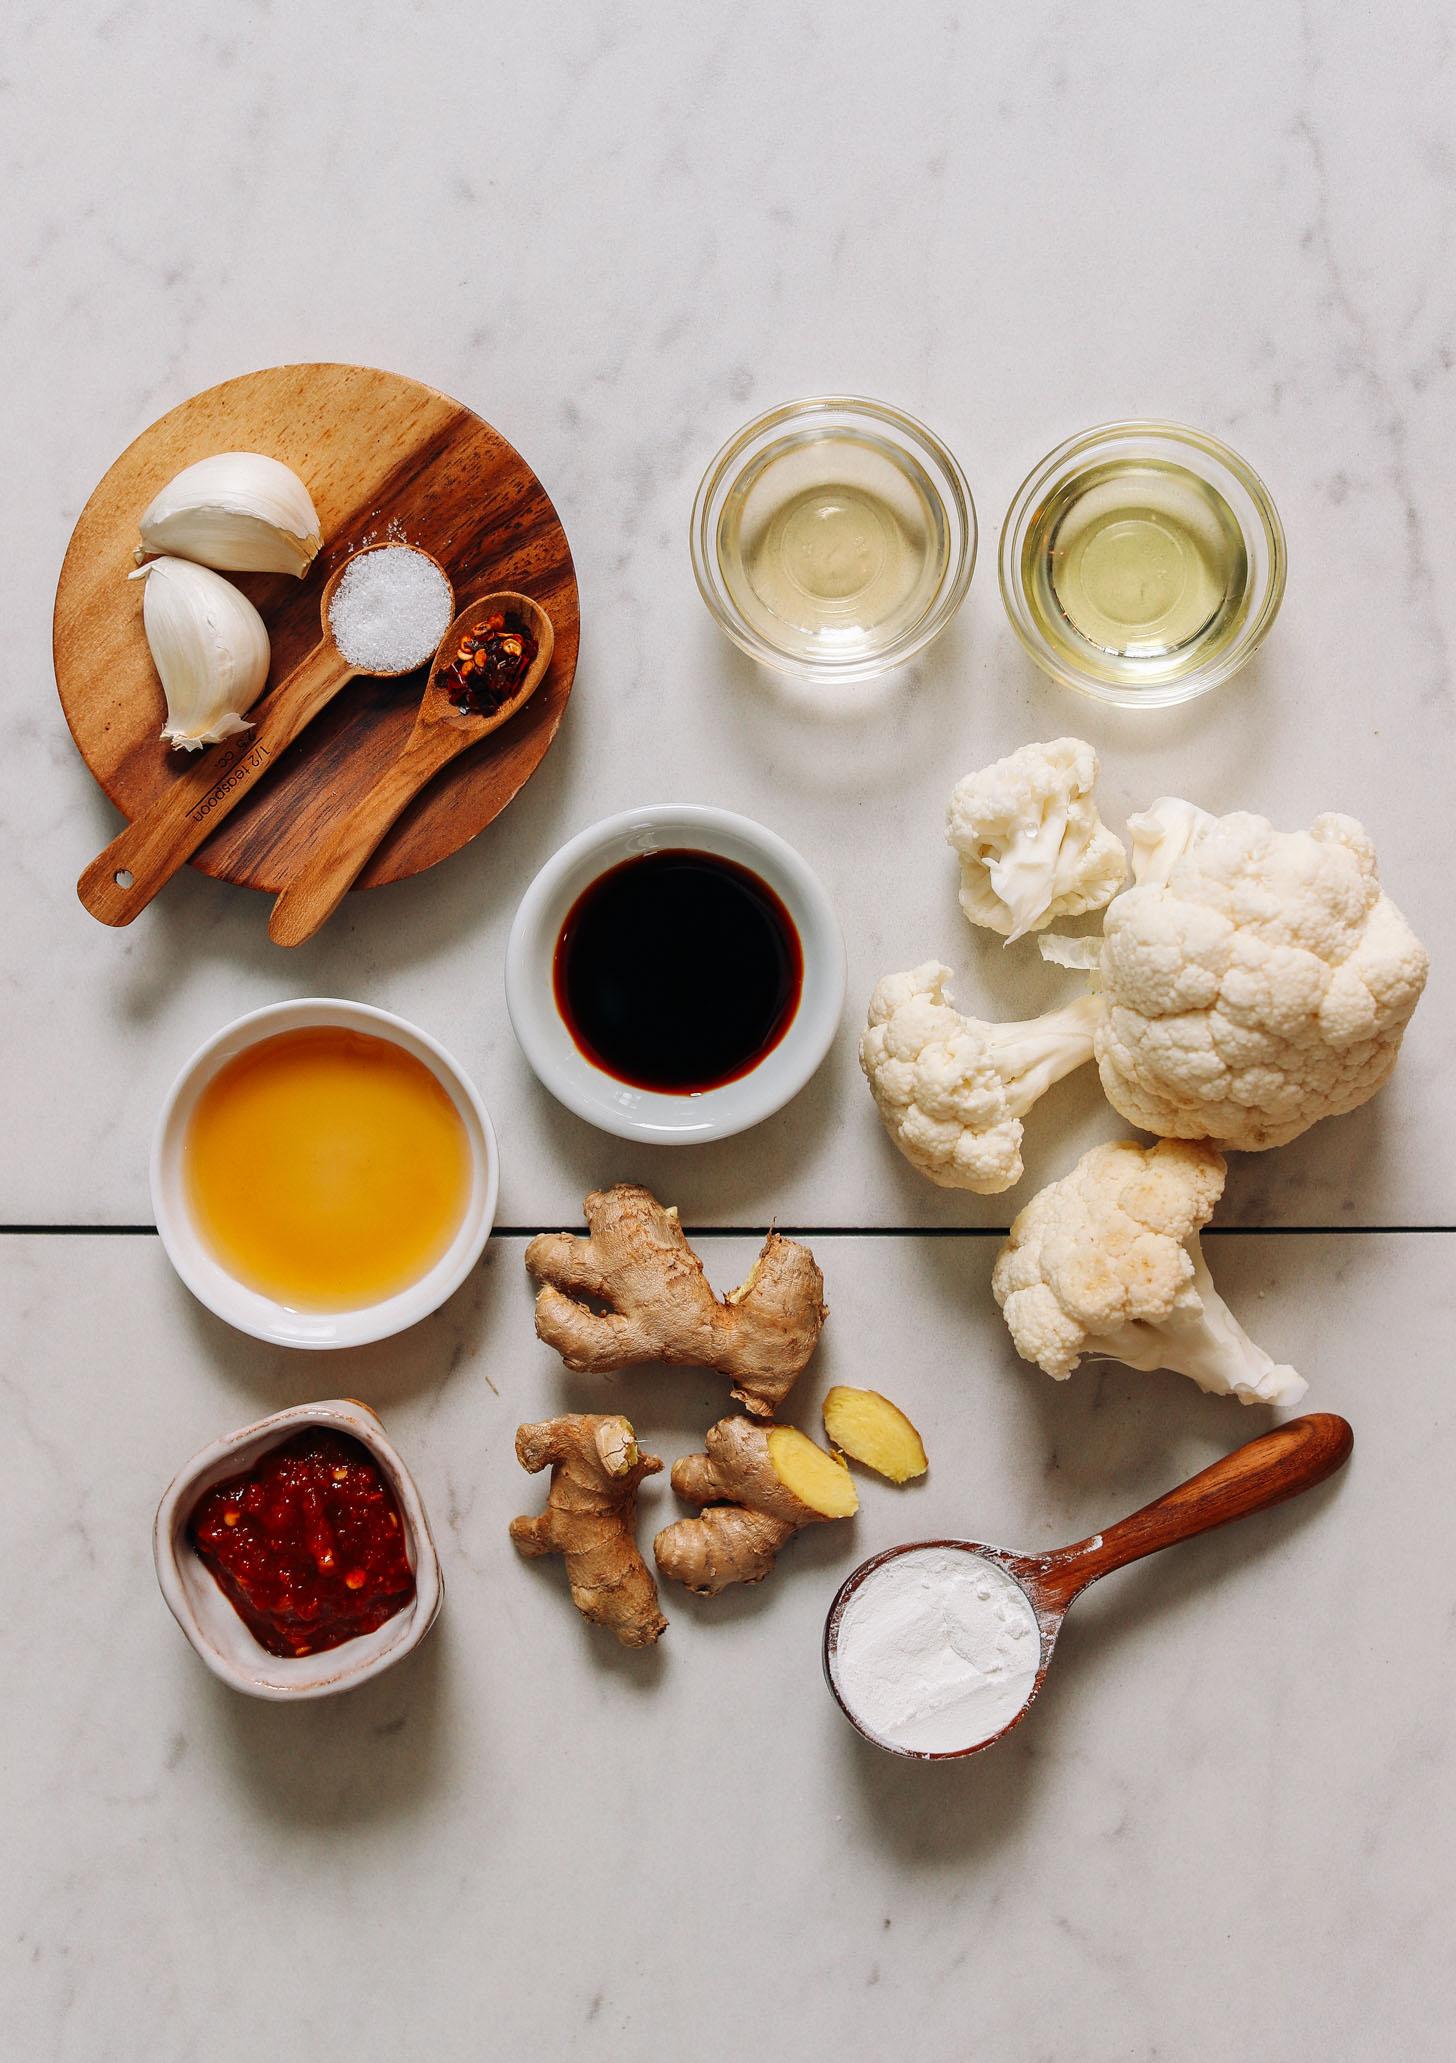 Ail, flocons de piment rouge, sel, huile d'avocat, tamari, vinaigre de riz, sirop d'érable, sauce chili ail, gingembre, fécule de maïs et chou-fleur